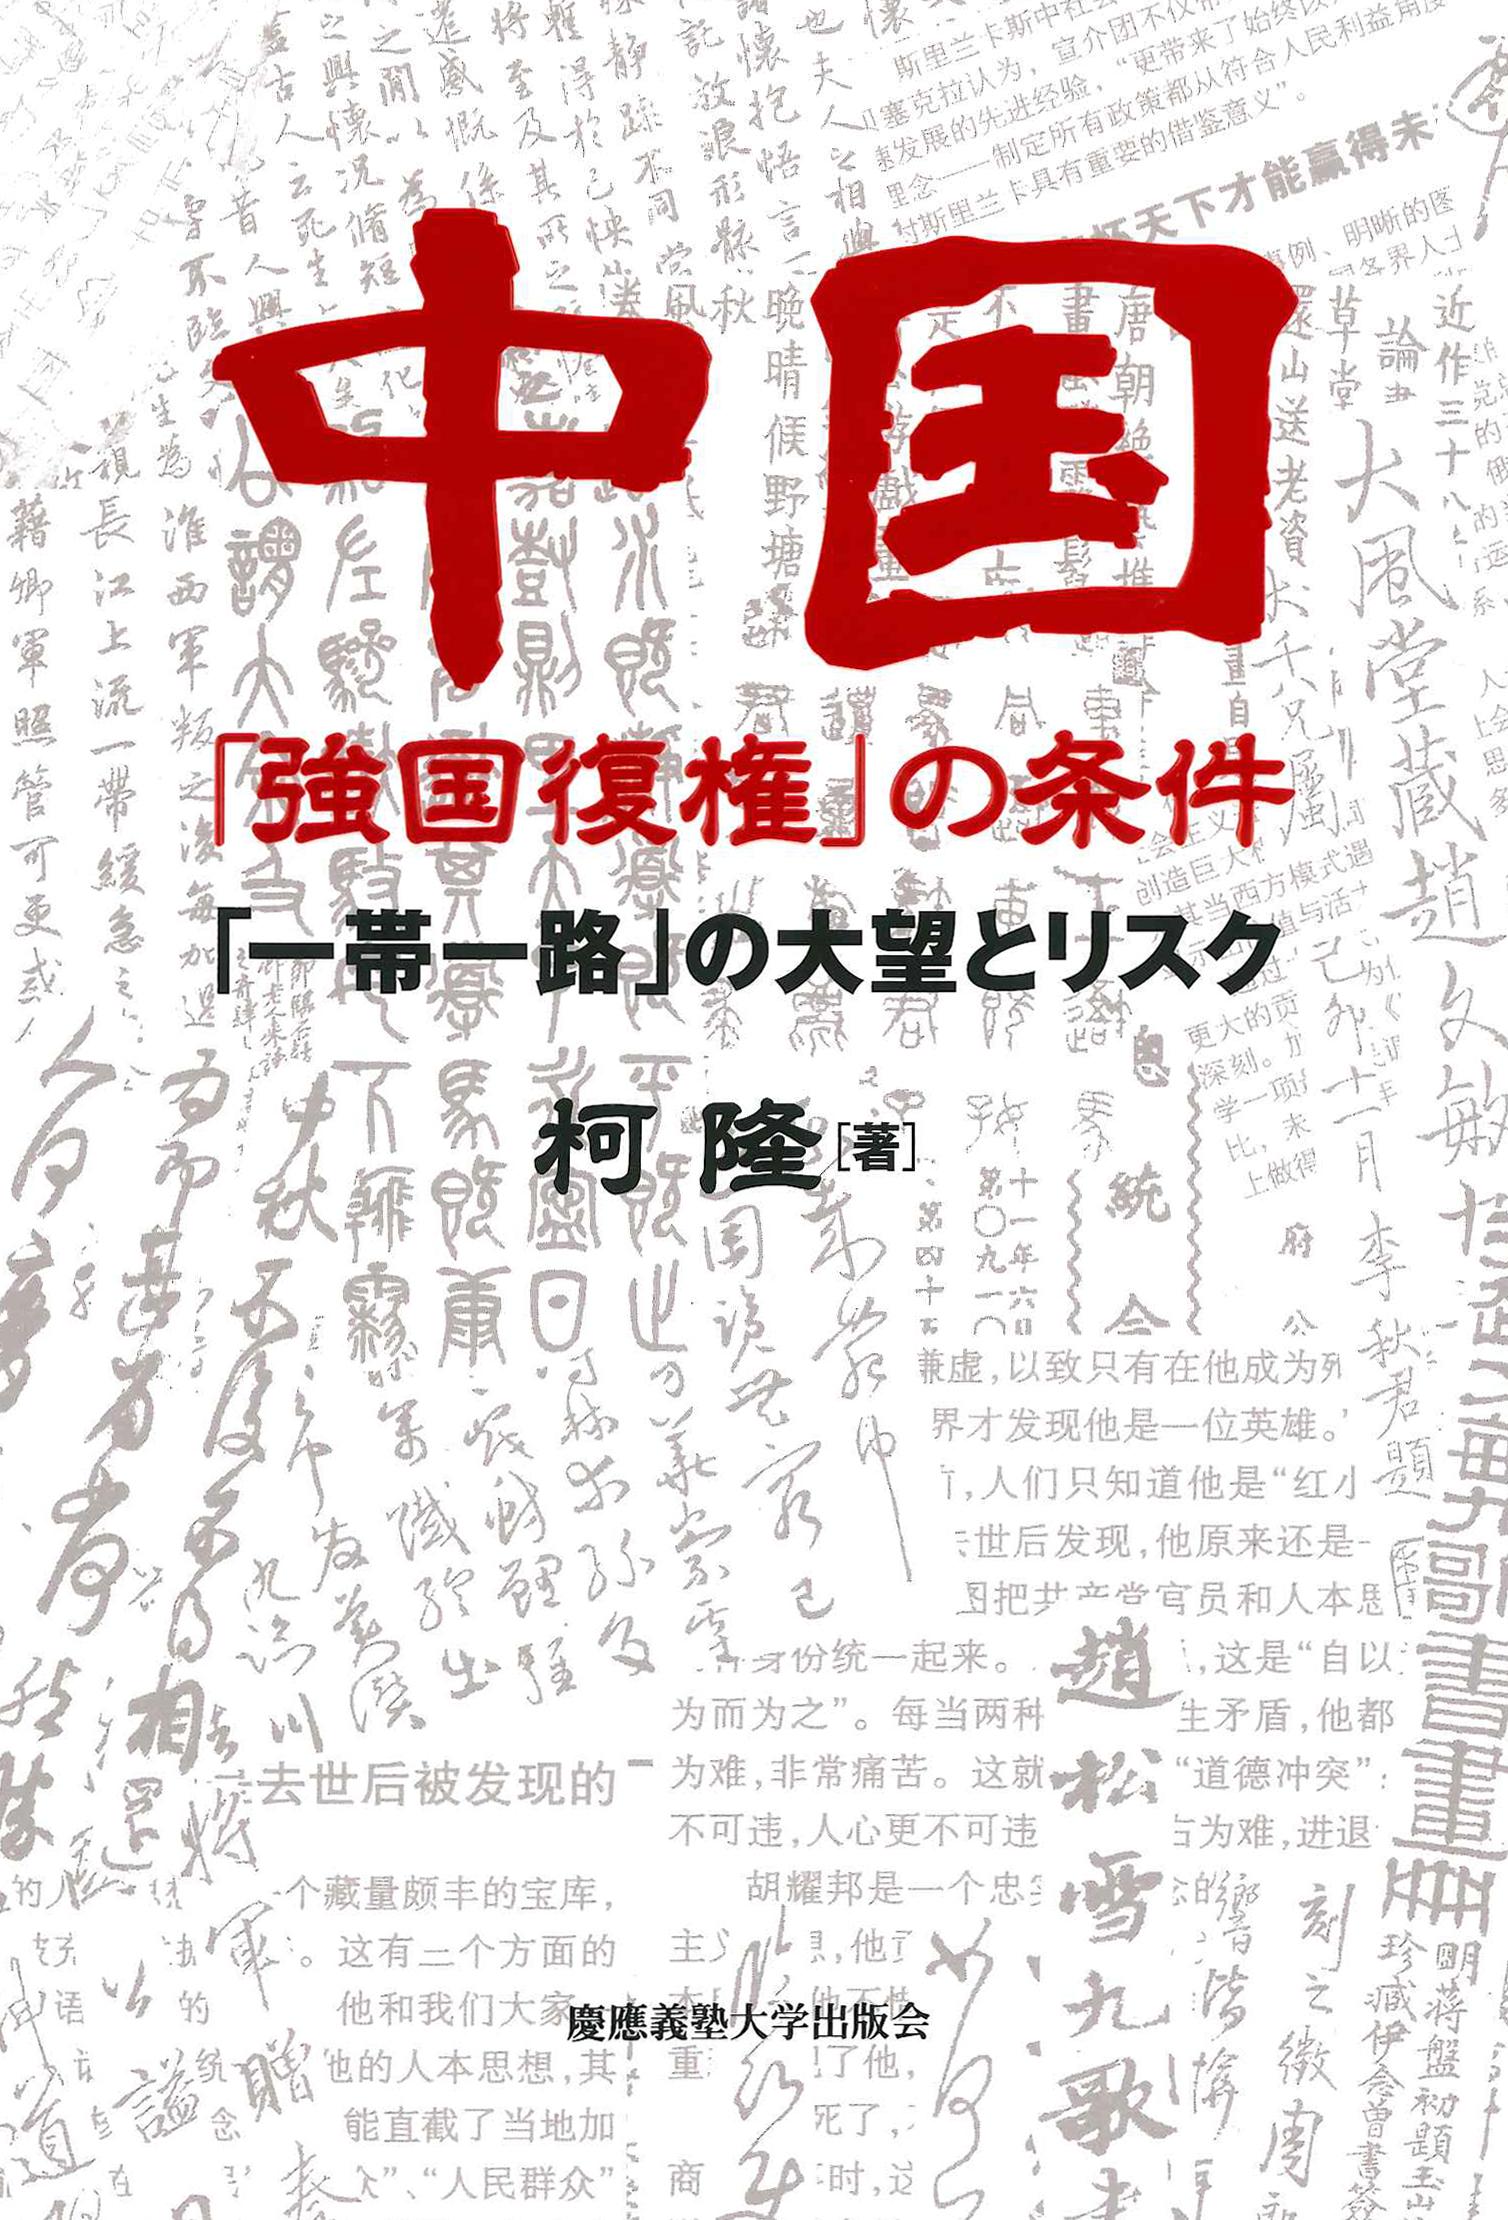 中国「強国復権」の条件 「一帯一路」の大望とリスク 柯 隆 著